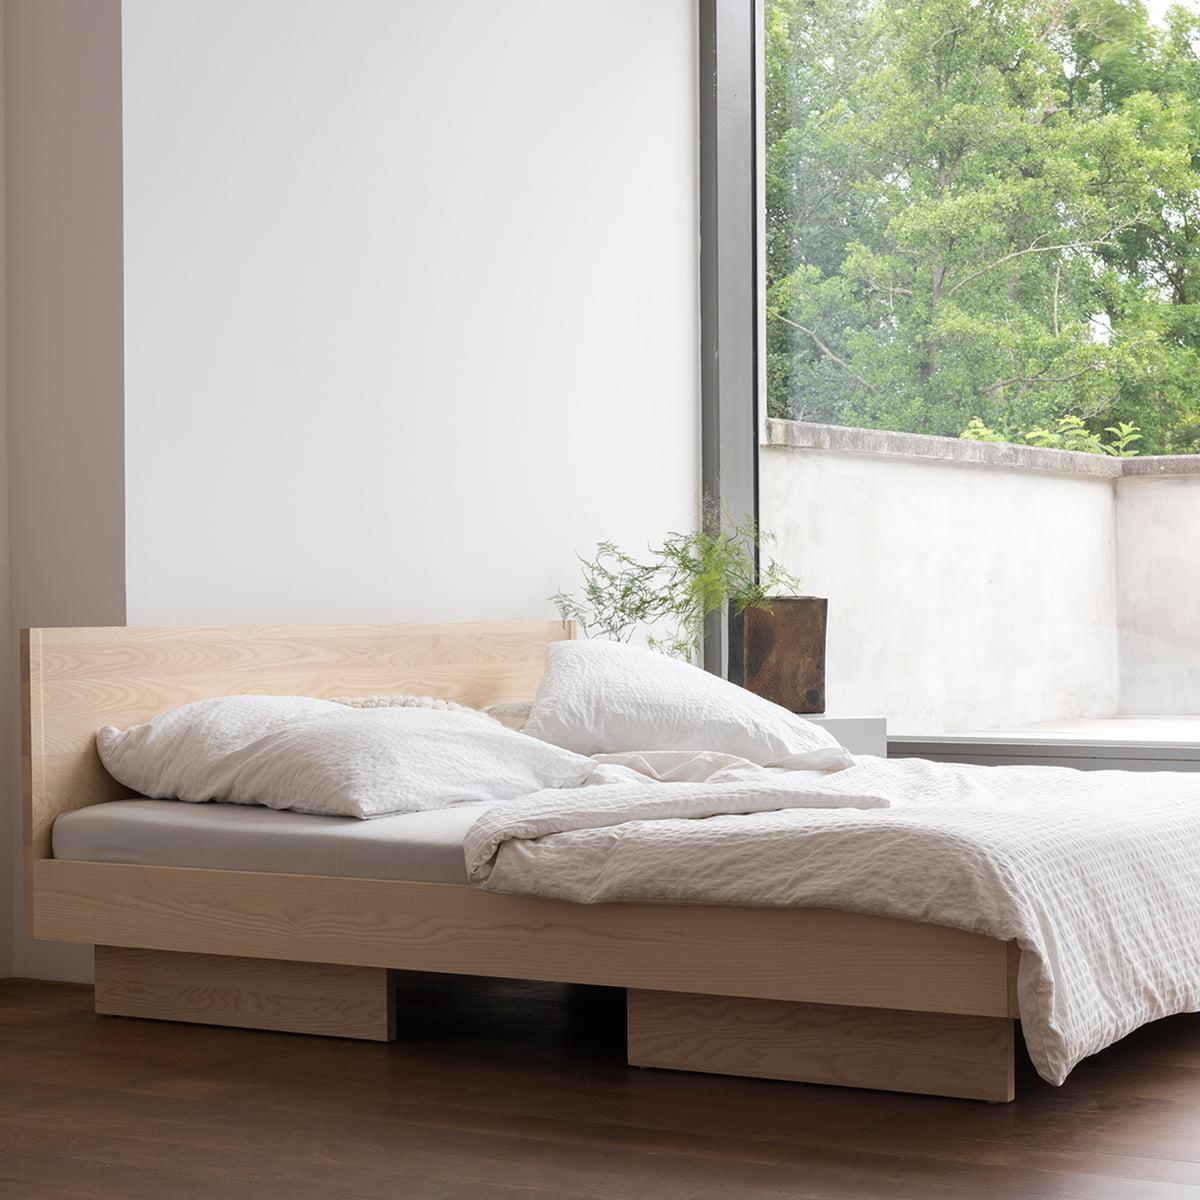 zians bett von objekte unserer tage connox. Black Bedroom Furniture Sets. Home Design Ideas